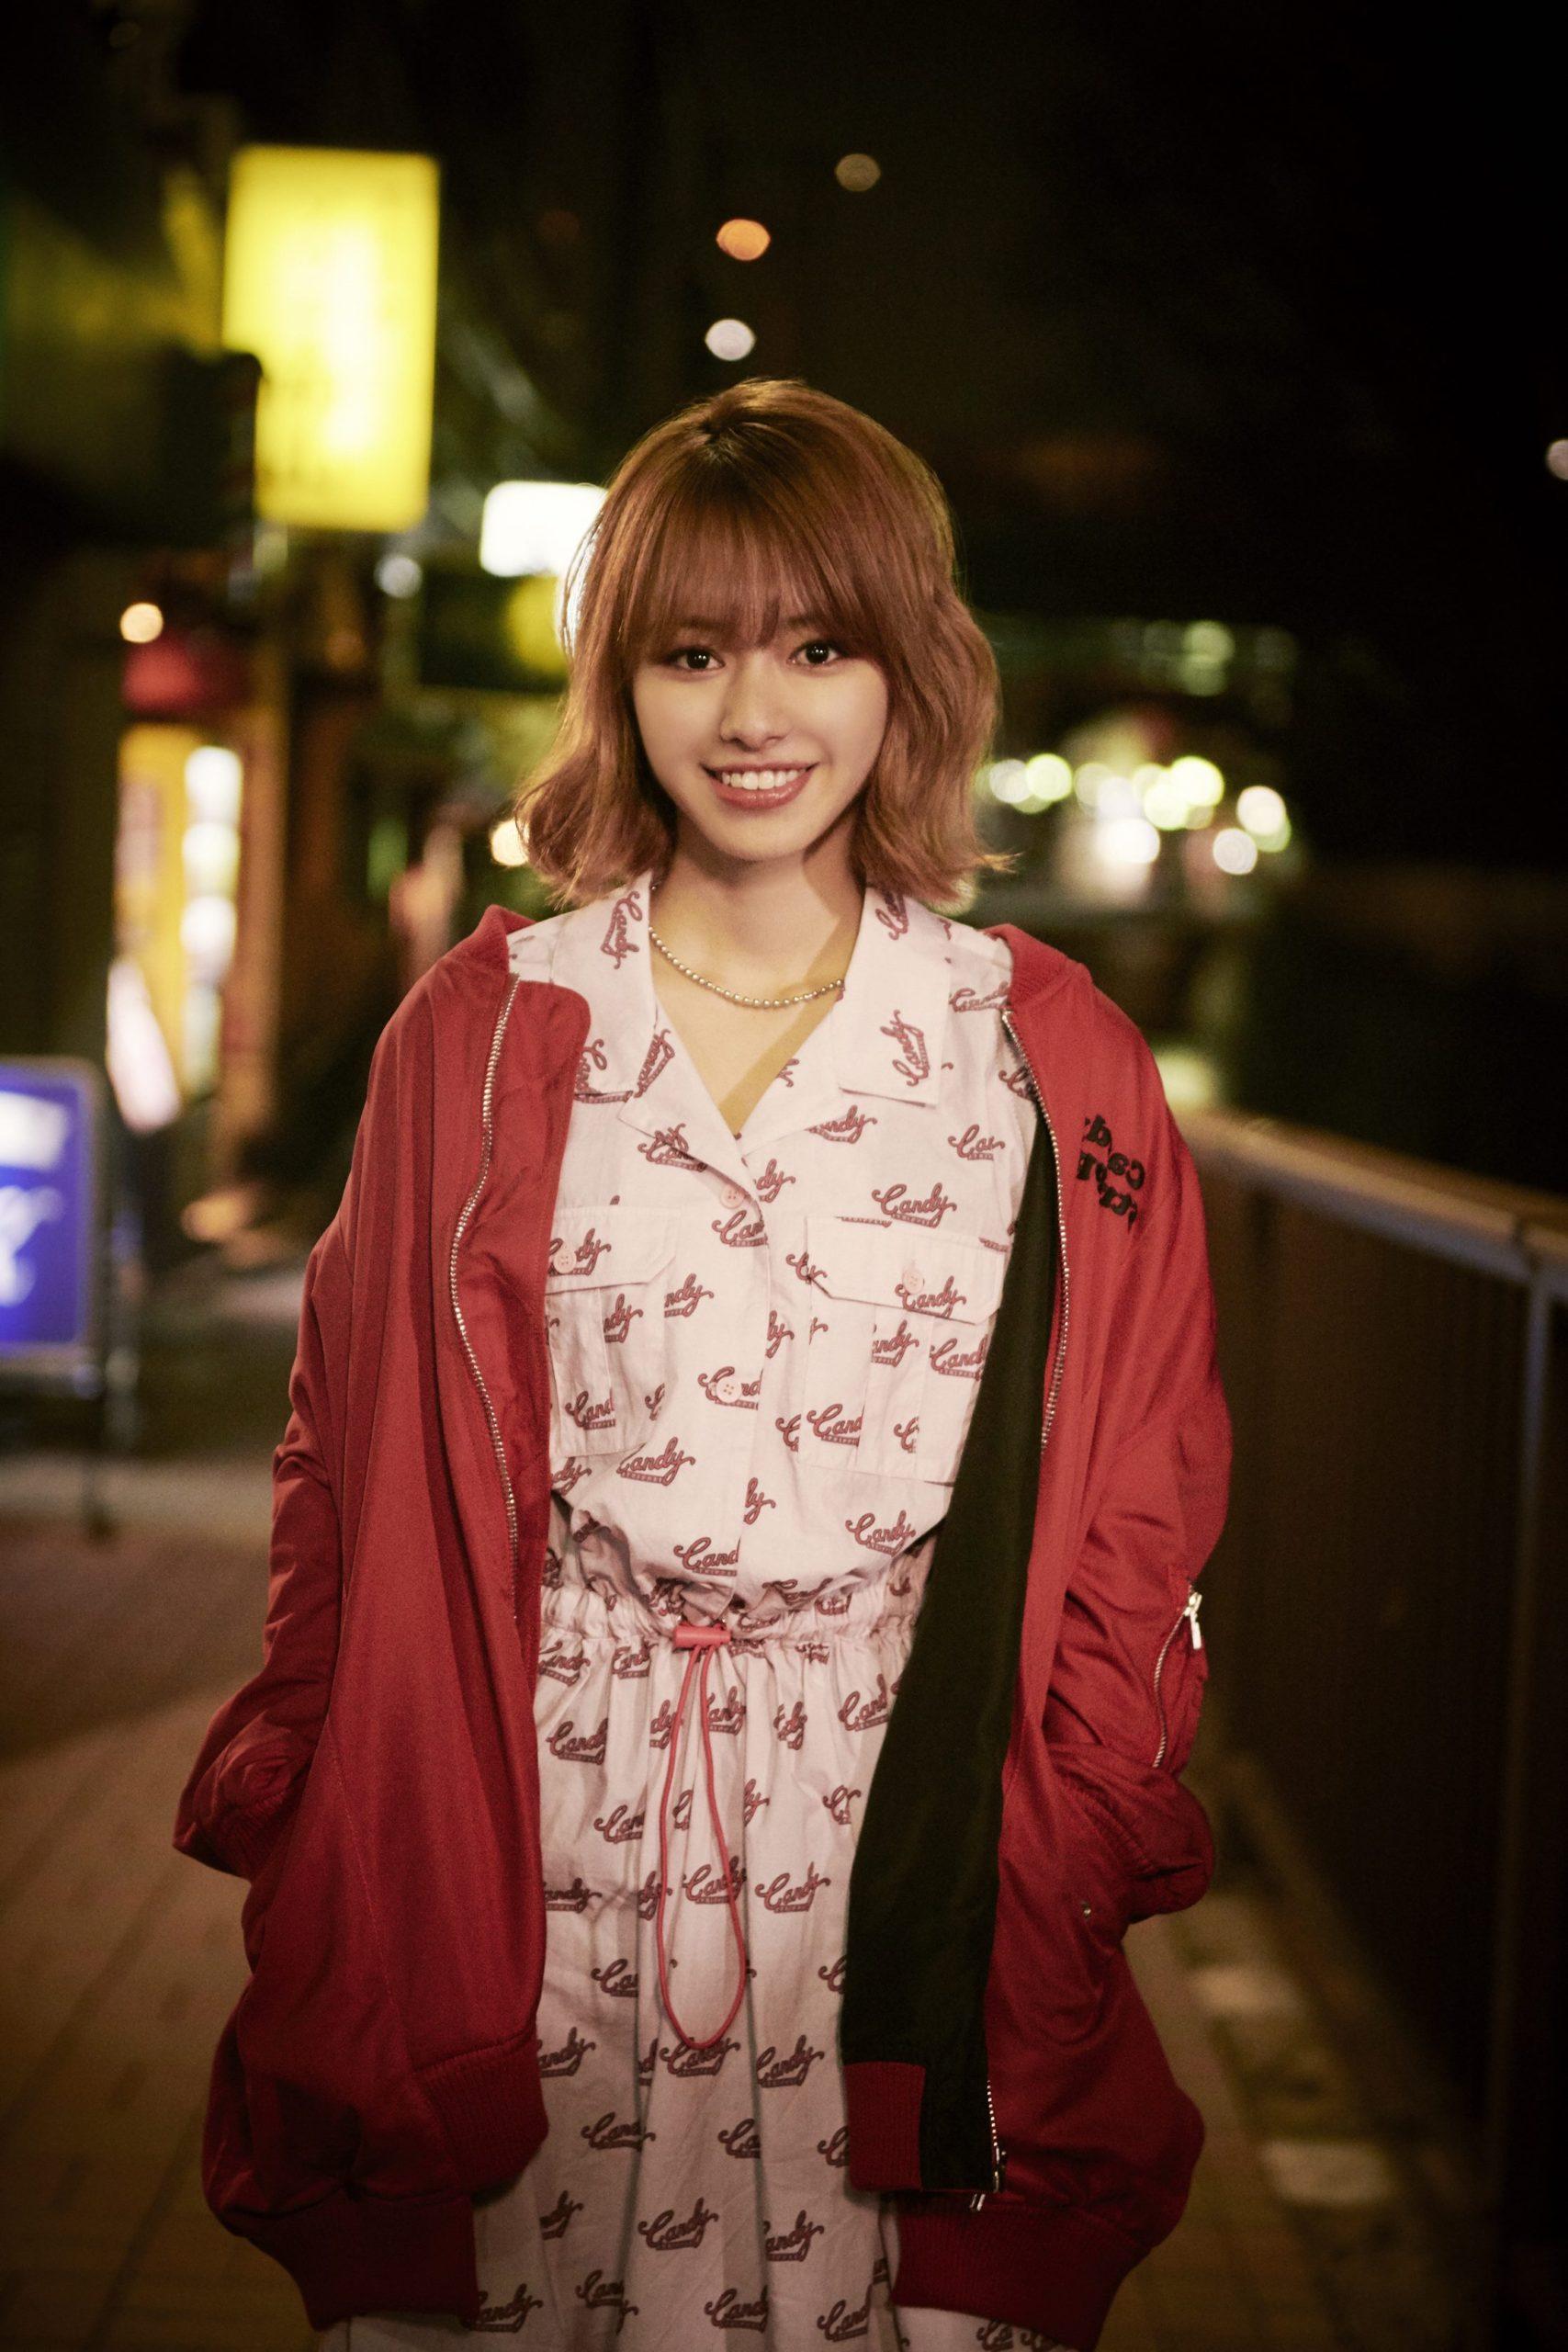 山本舞香、賀来賢人演じる主人公の彼女役で出演決定!TVドラマ『死にたい夜にかぎって』